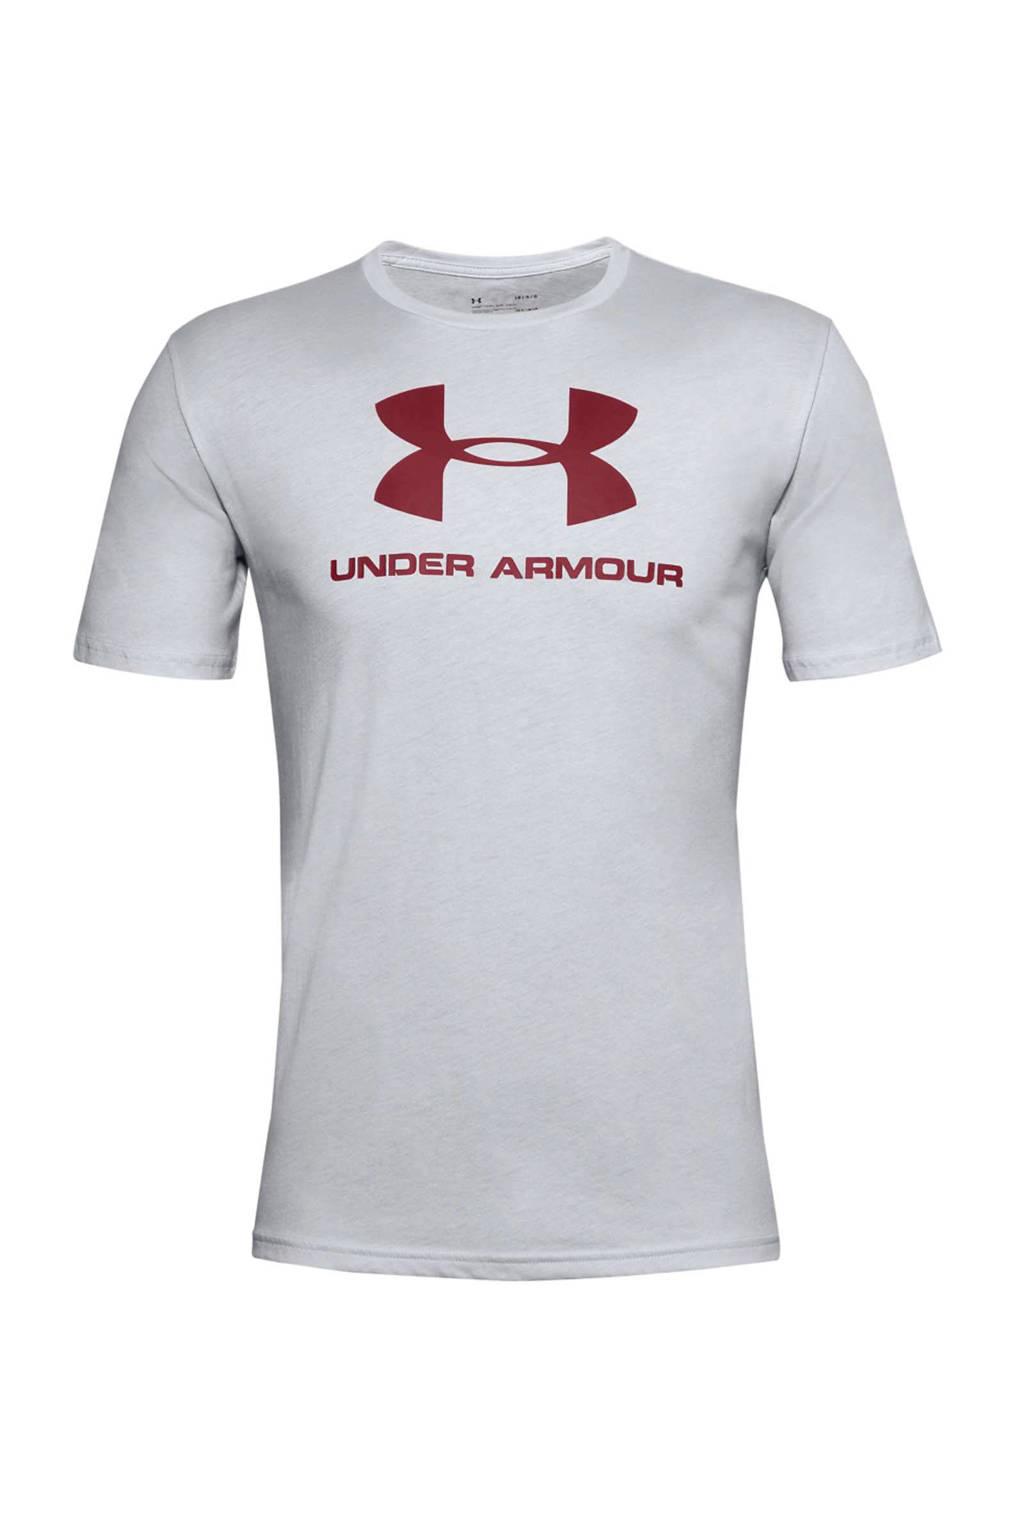 Under Armour   sport T-shirt grijs/rood, Grijs/rood